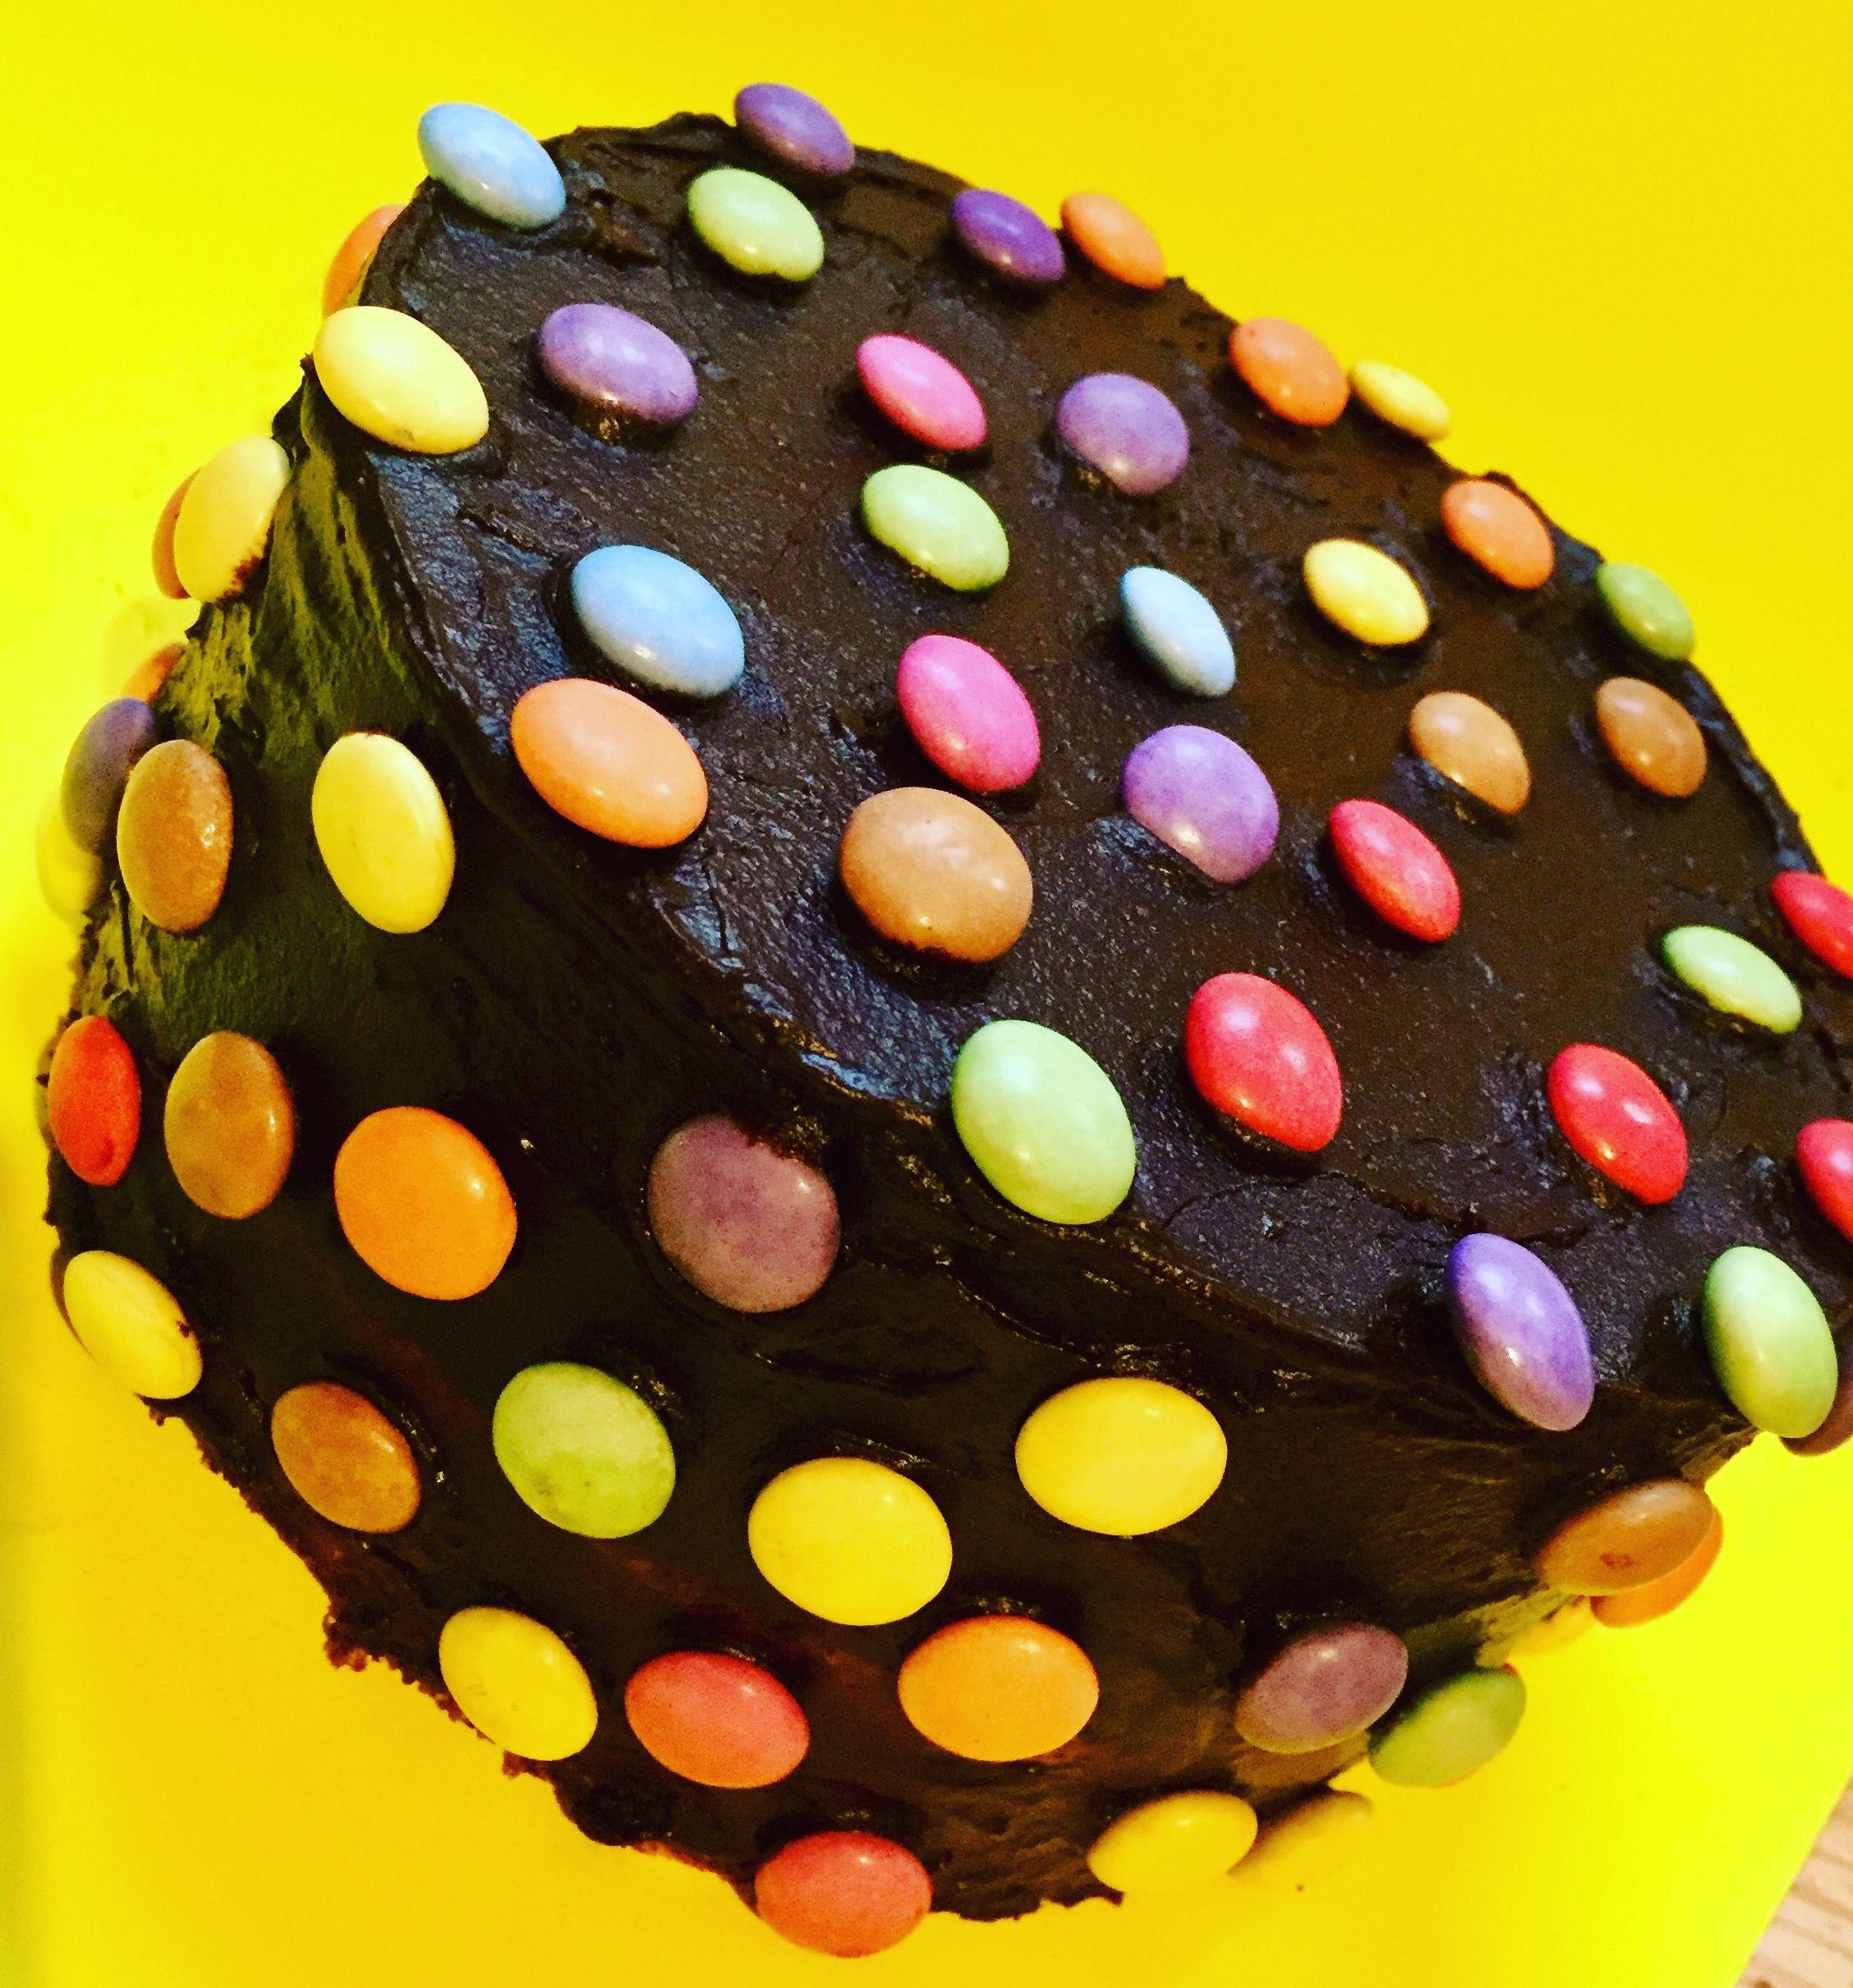 Schokokuchen Mit Smarties Den Kuchen Habe Ich Fur Den Kindergeburtstag Eines Freundes Gebacken Der Basis War Ein Ruh Kuchen Rezepte Ruhrteig Kuchen